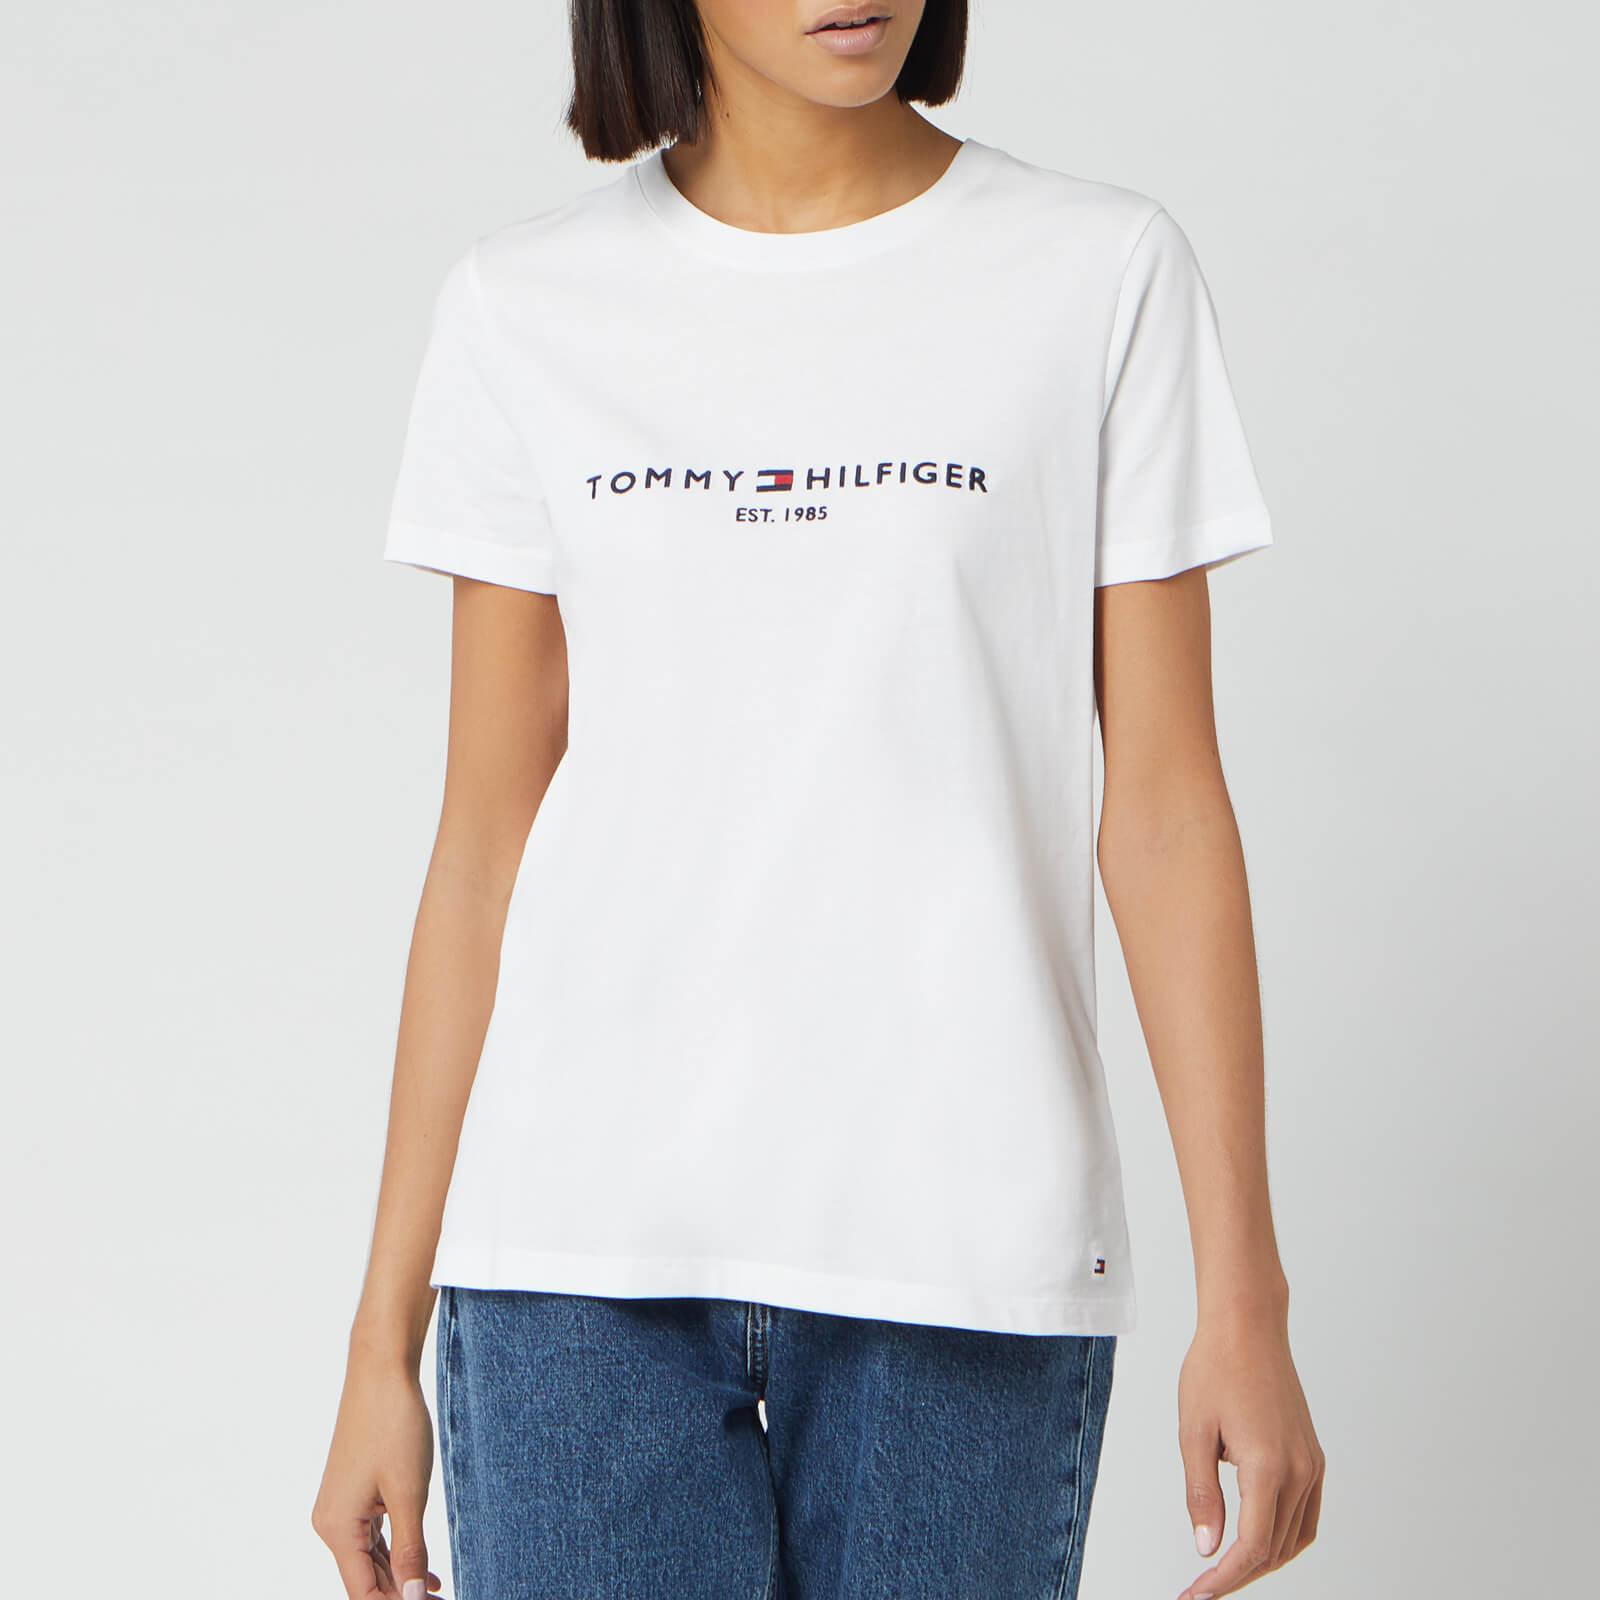 Tommy Hilfiger Women's Essential Hilfiger T Shirt White